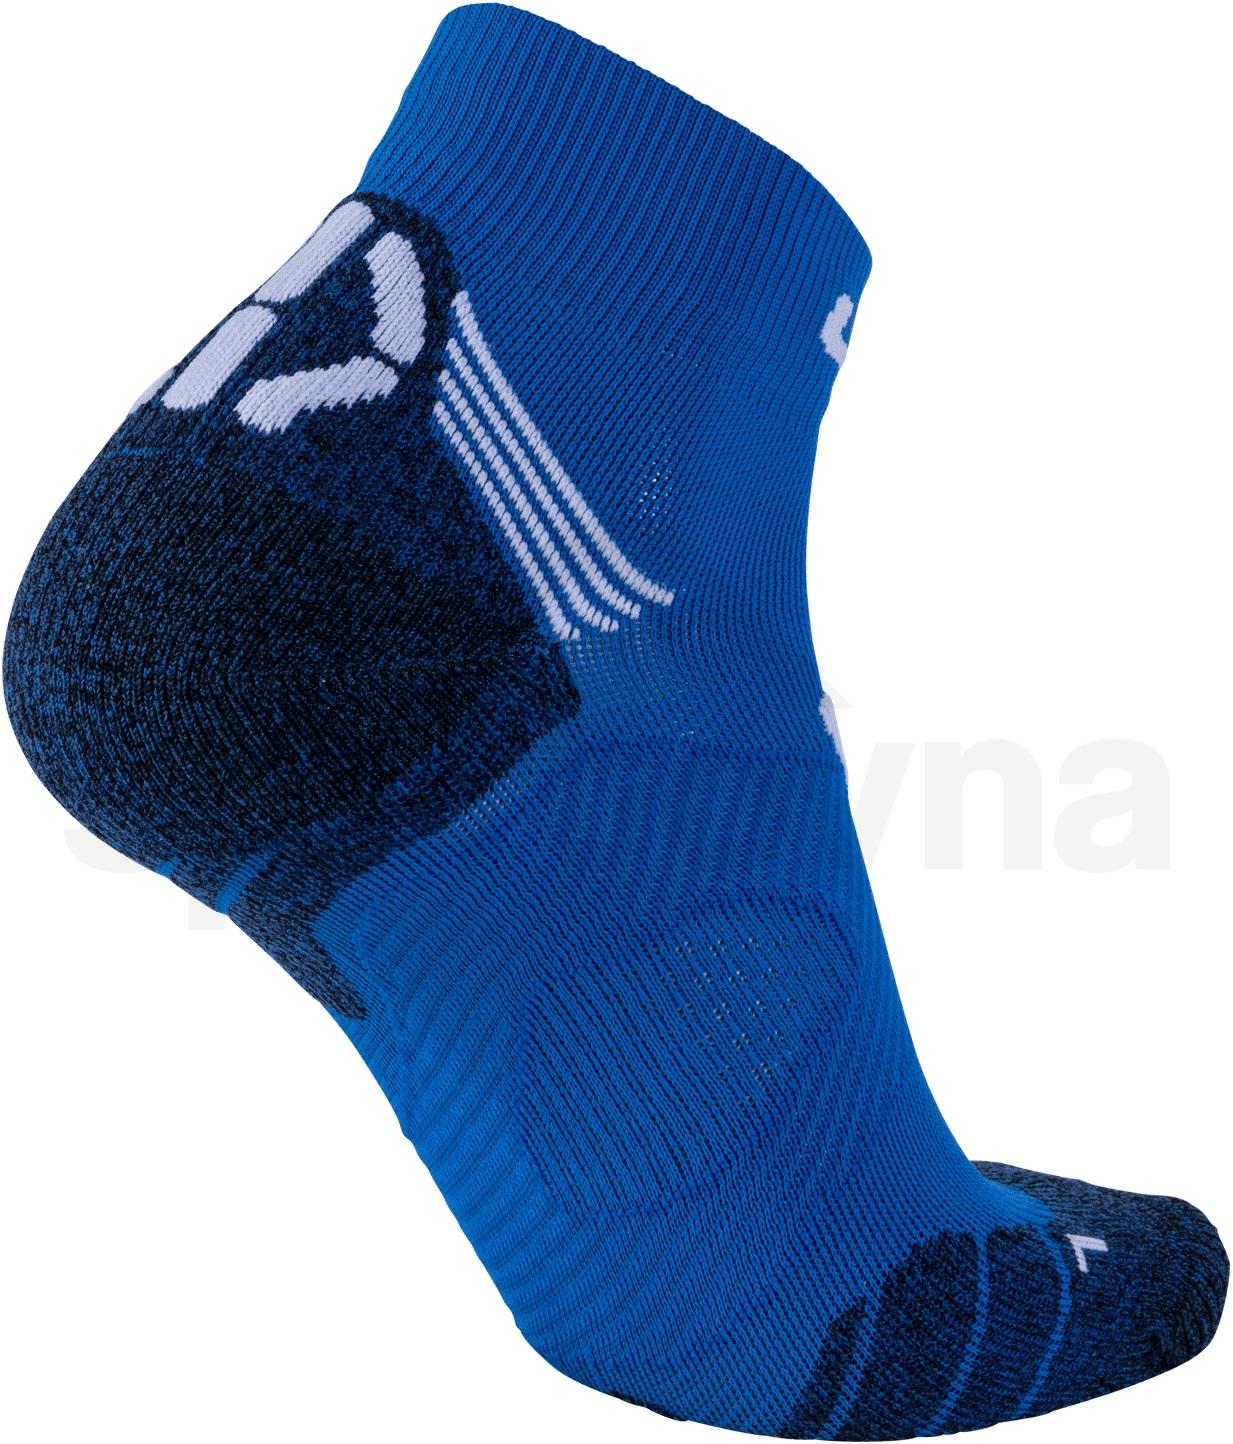 Ponožky UYN RUN SUPER FAST - modrá/bílá